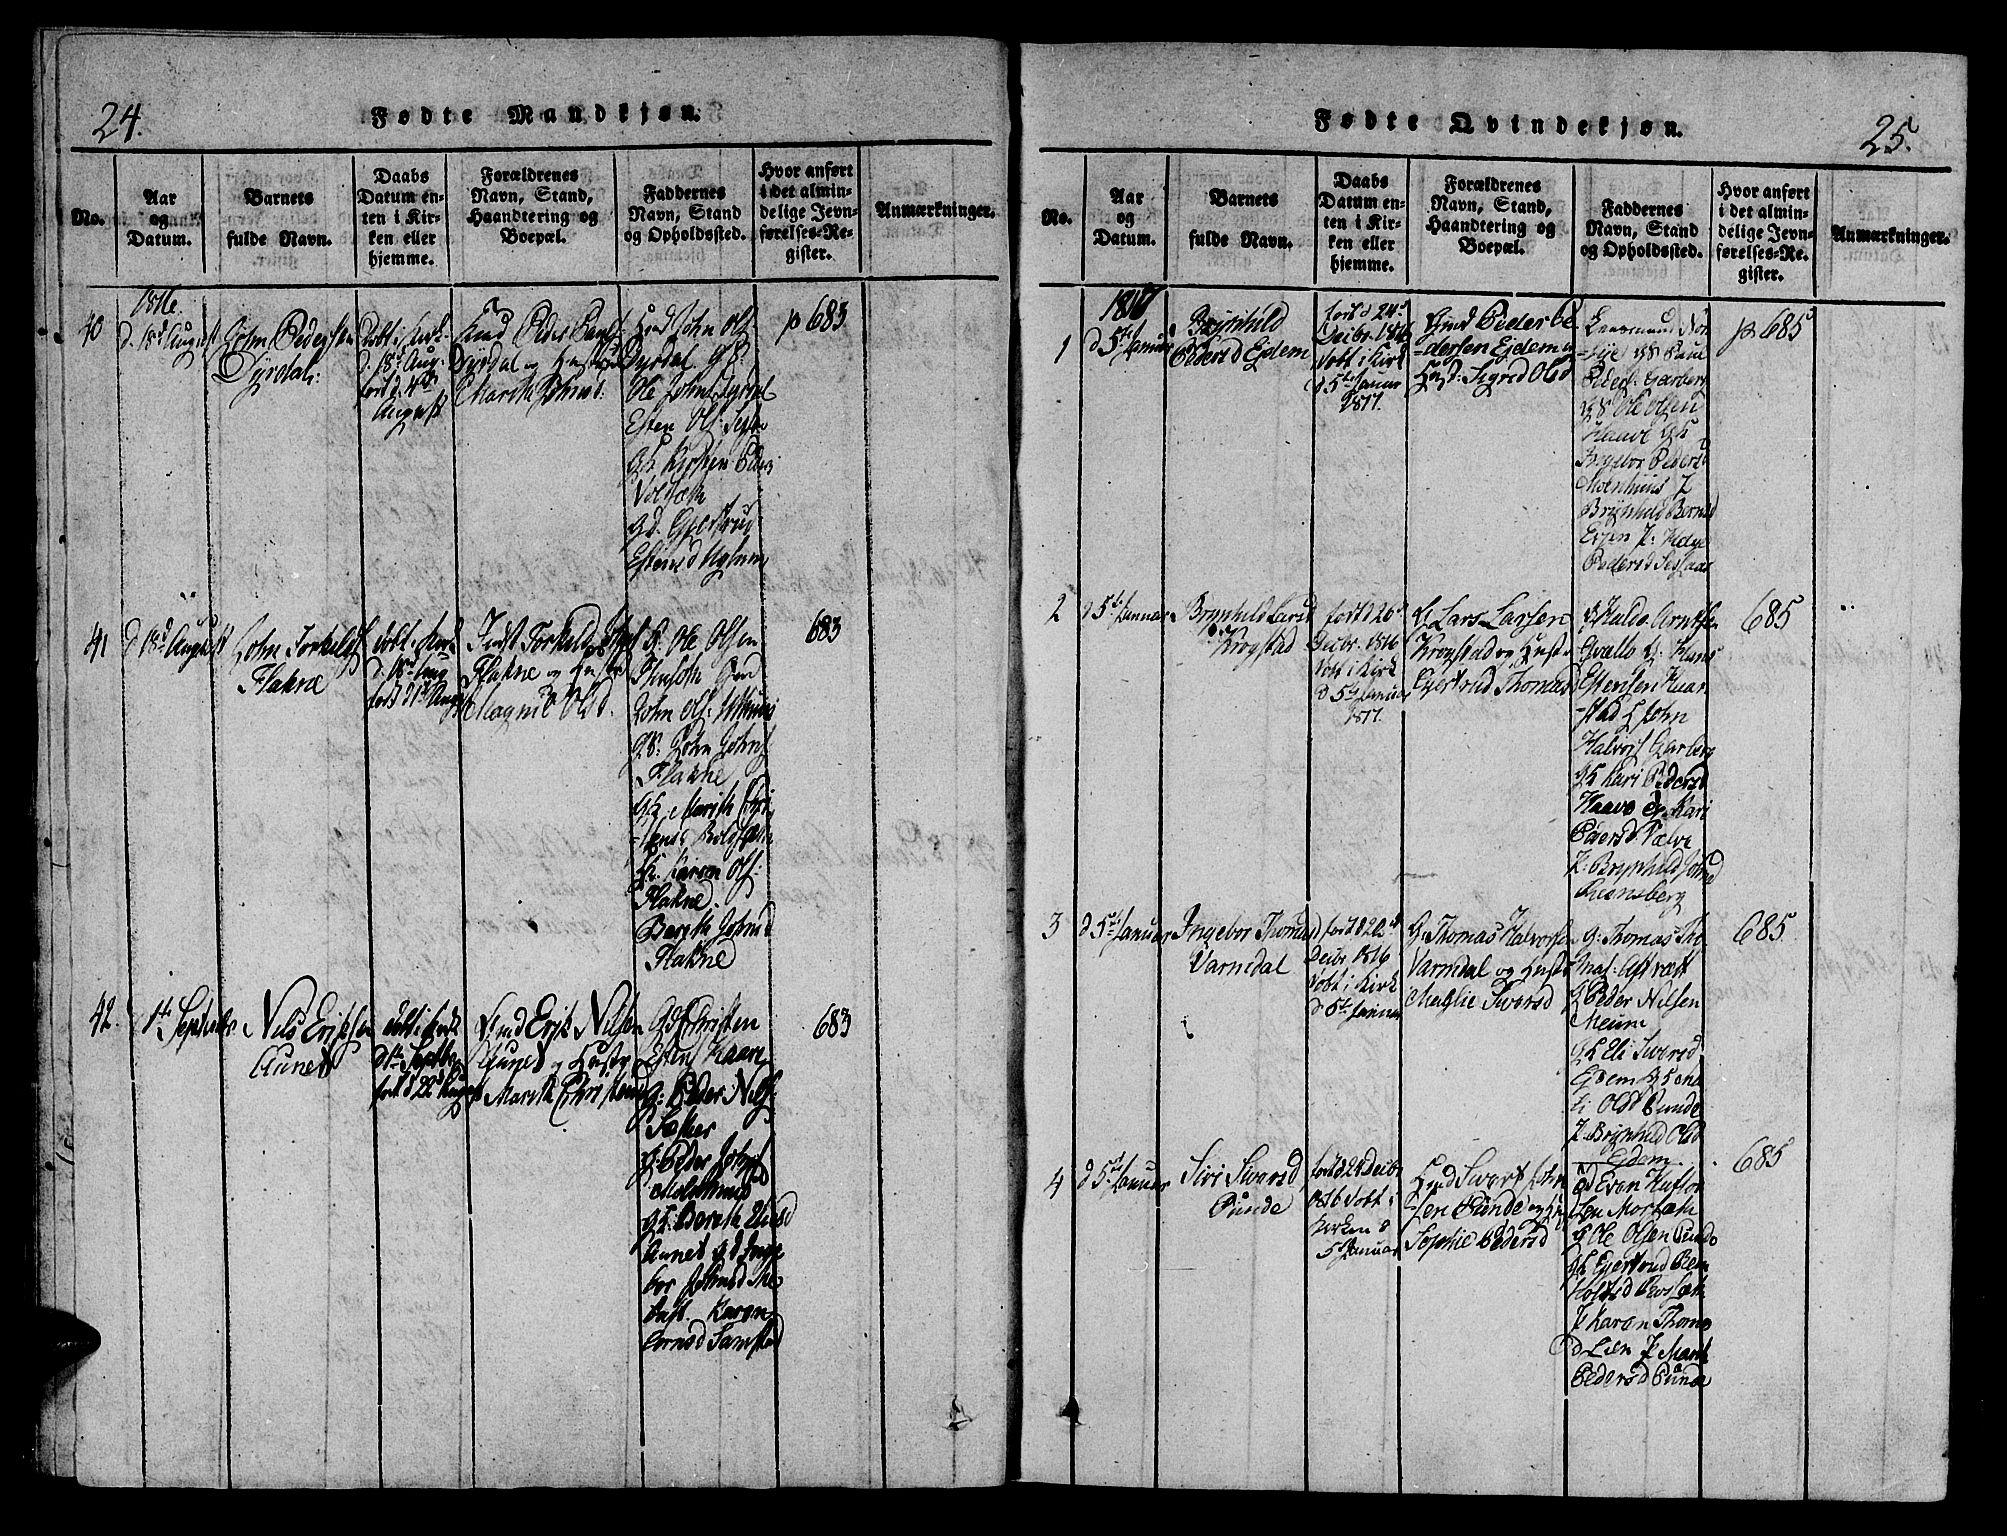 SAT, Ministerialprotokoller, klokkerbøker og fødselsregistre - Sør-Trøndelag, 695/L1141: Ministerialbok nr. 695A04 /1, 1816-1824, s. 24-25